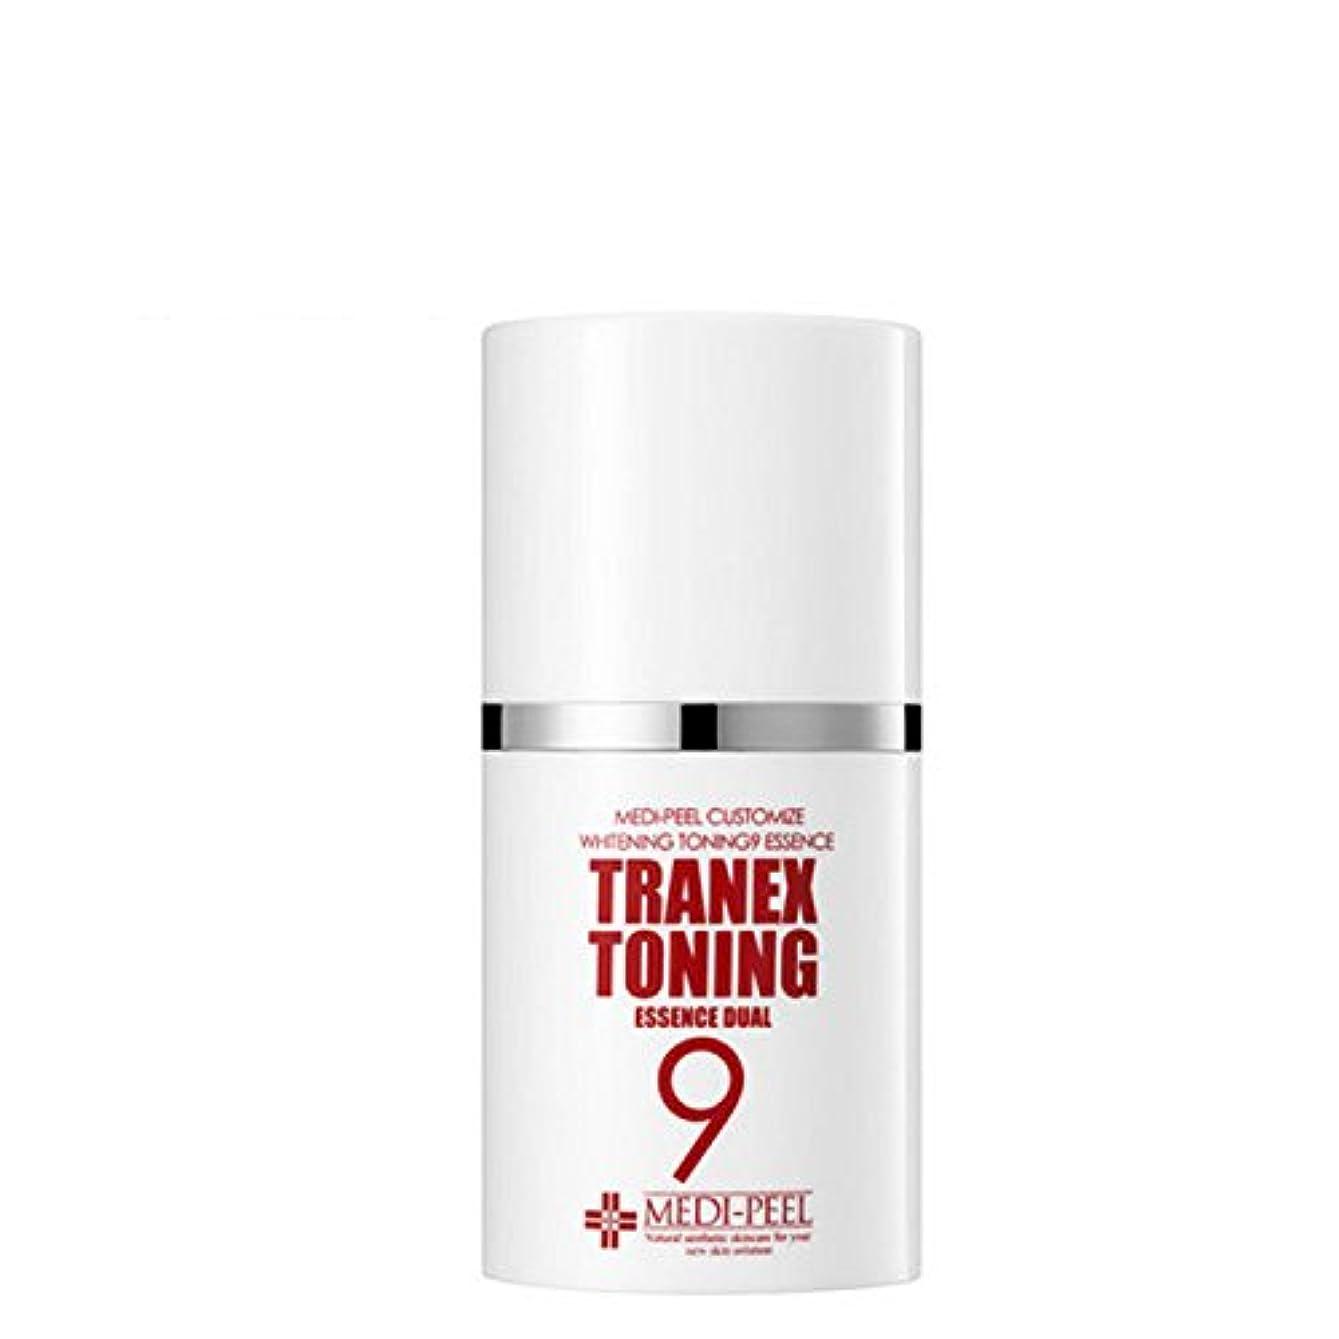 自治ディーラースリンクメディピールMEDI-PEEL TRANEXトーニング9エッセンスデュアル50ml美白、シワ改善機能性化粧品 [並行輸入品]